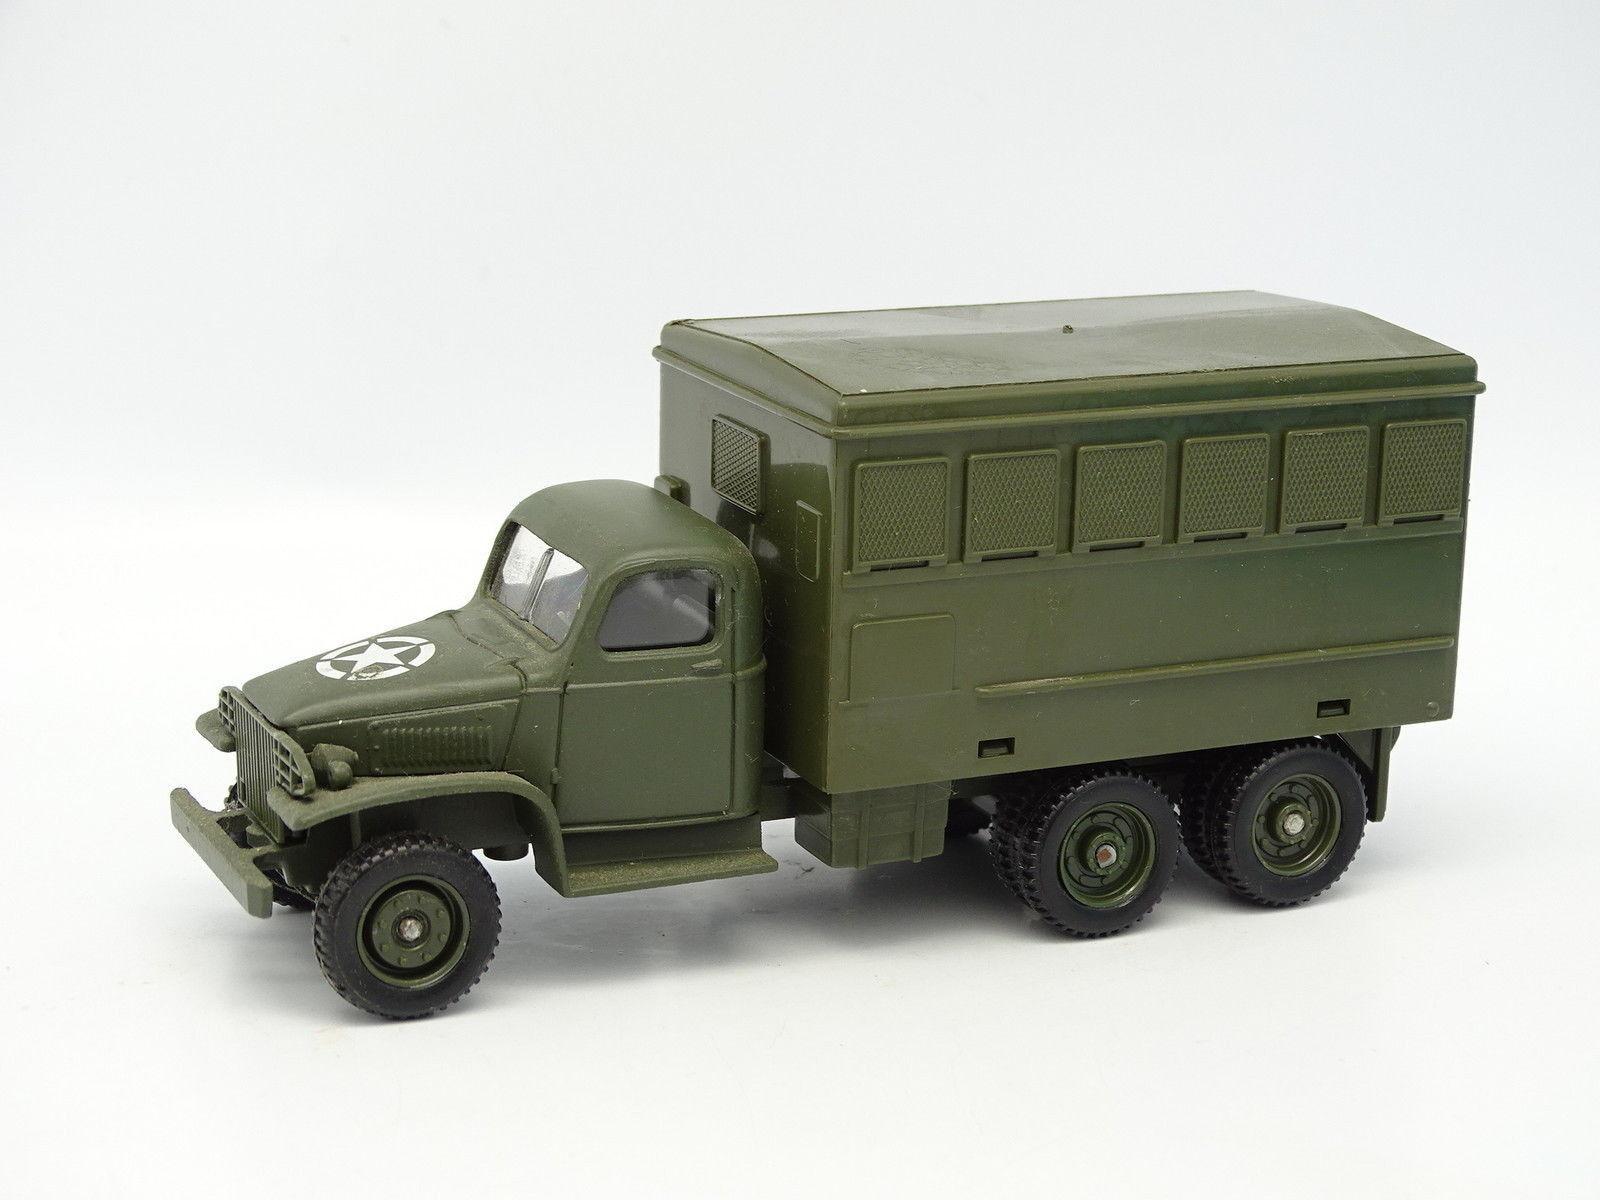 Solido Militar Ejército Ejército Ejército 1 50 - GMC Camioneta Celular B 401ef7